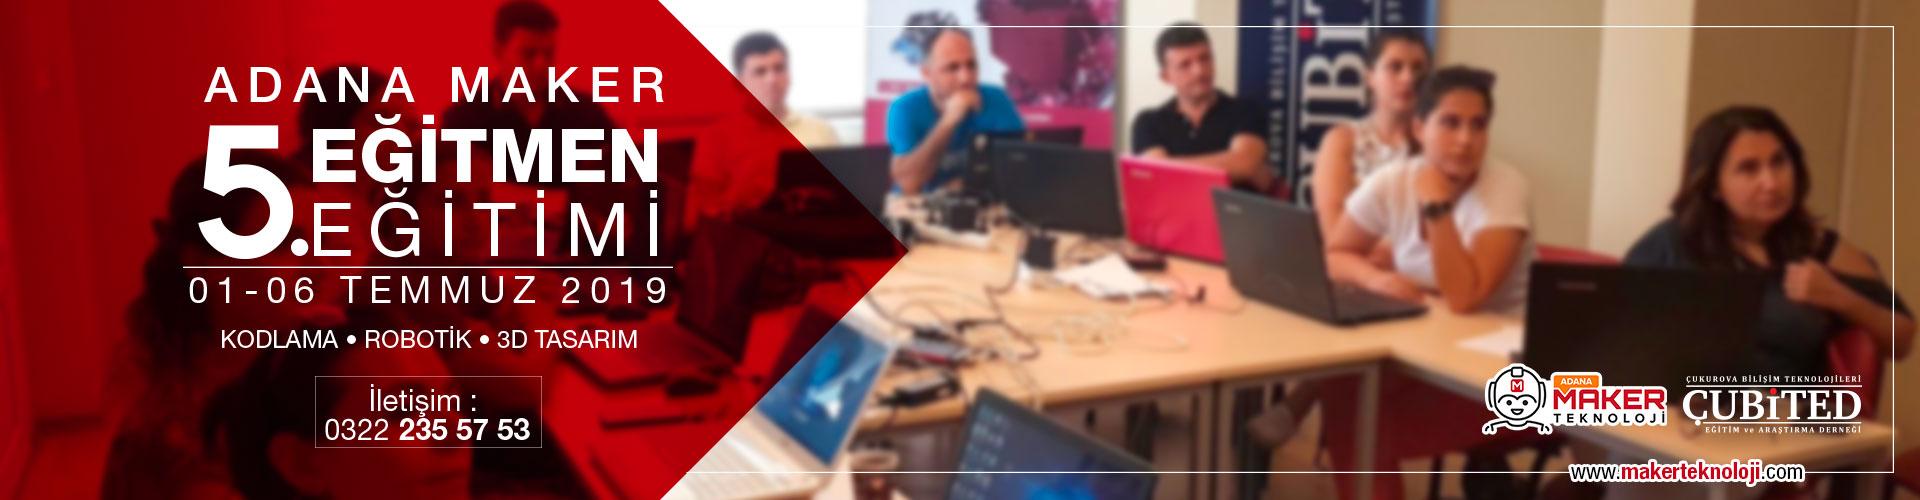 Adana Maker Teknoloji Eğitmen Eğitimi